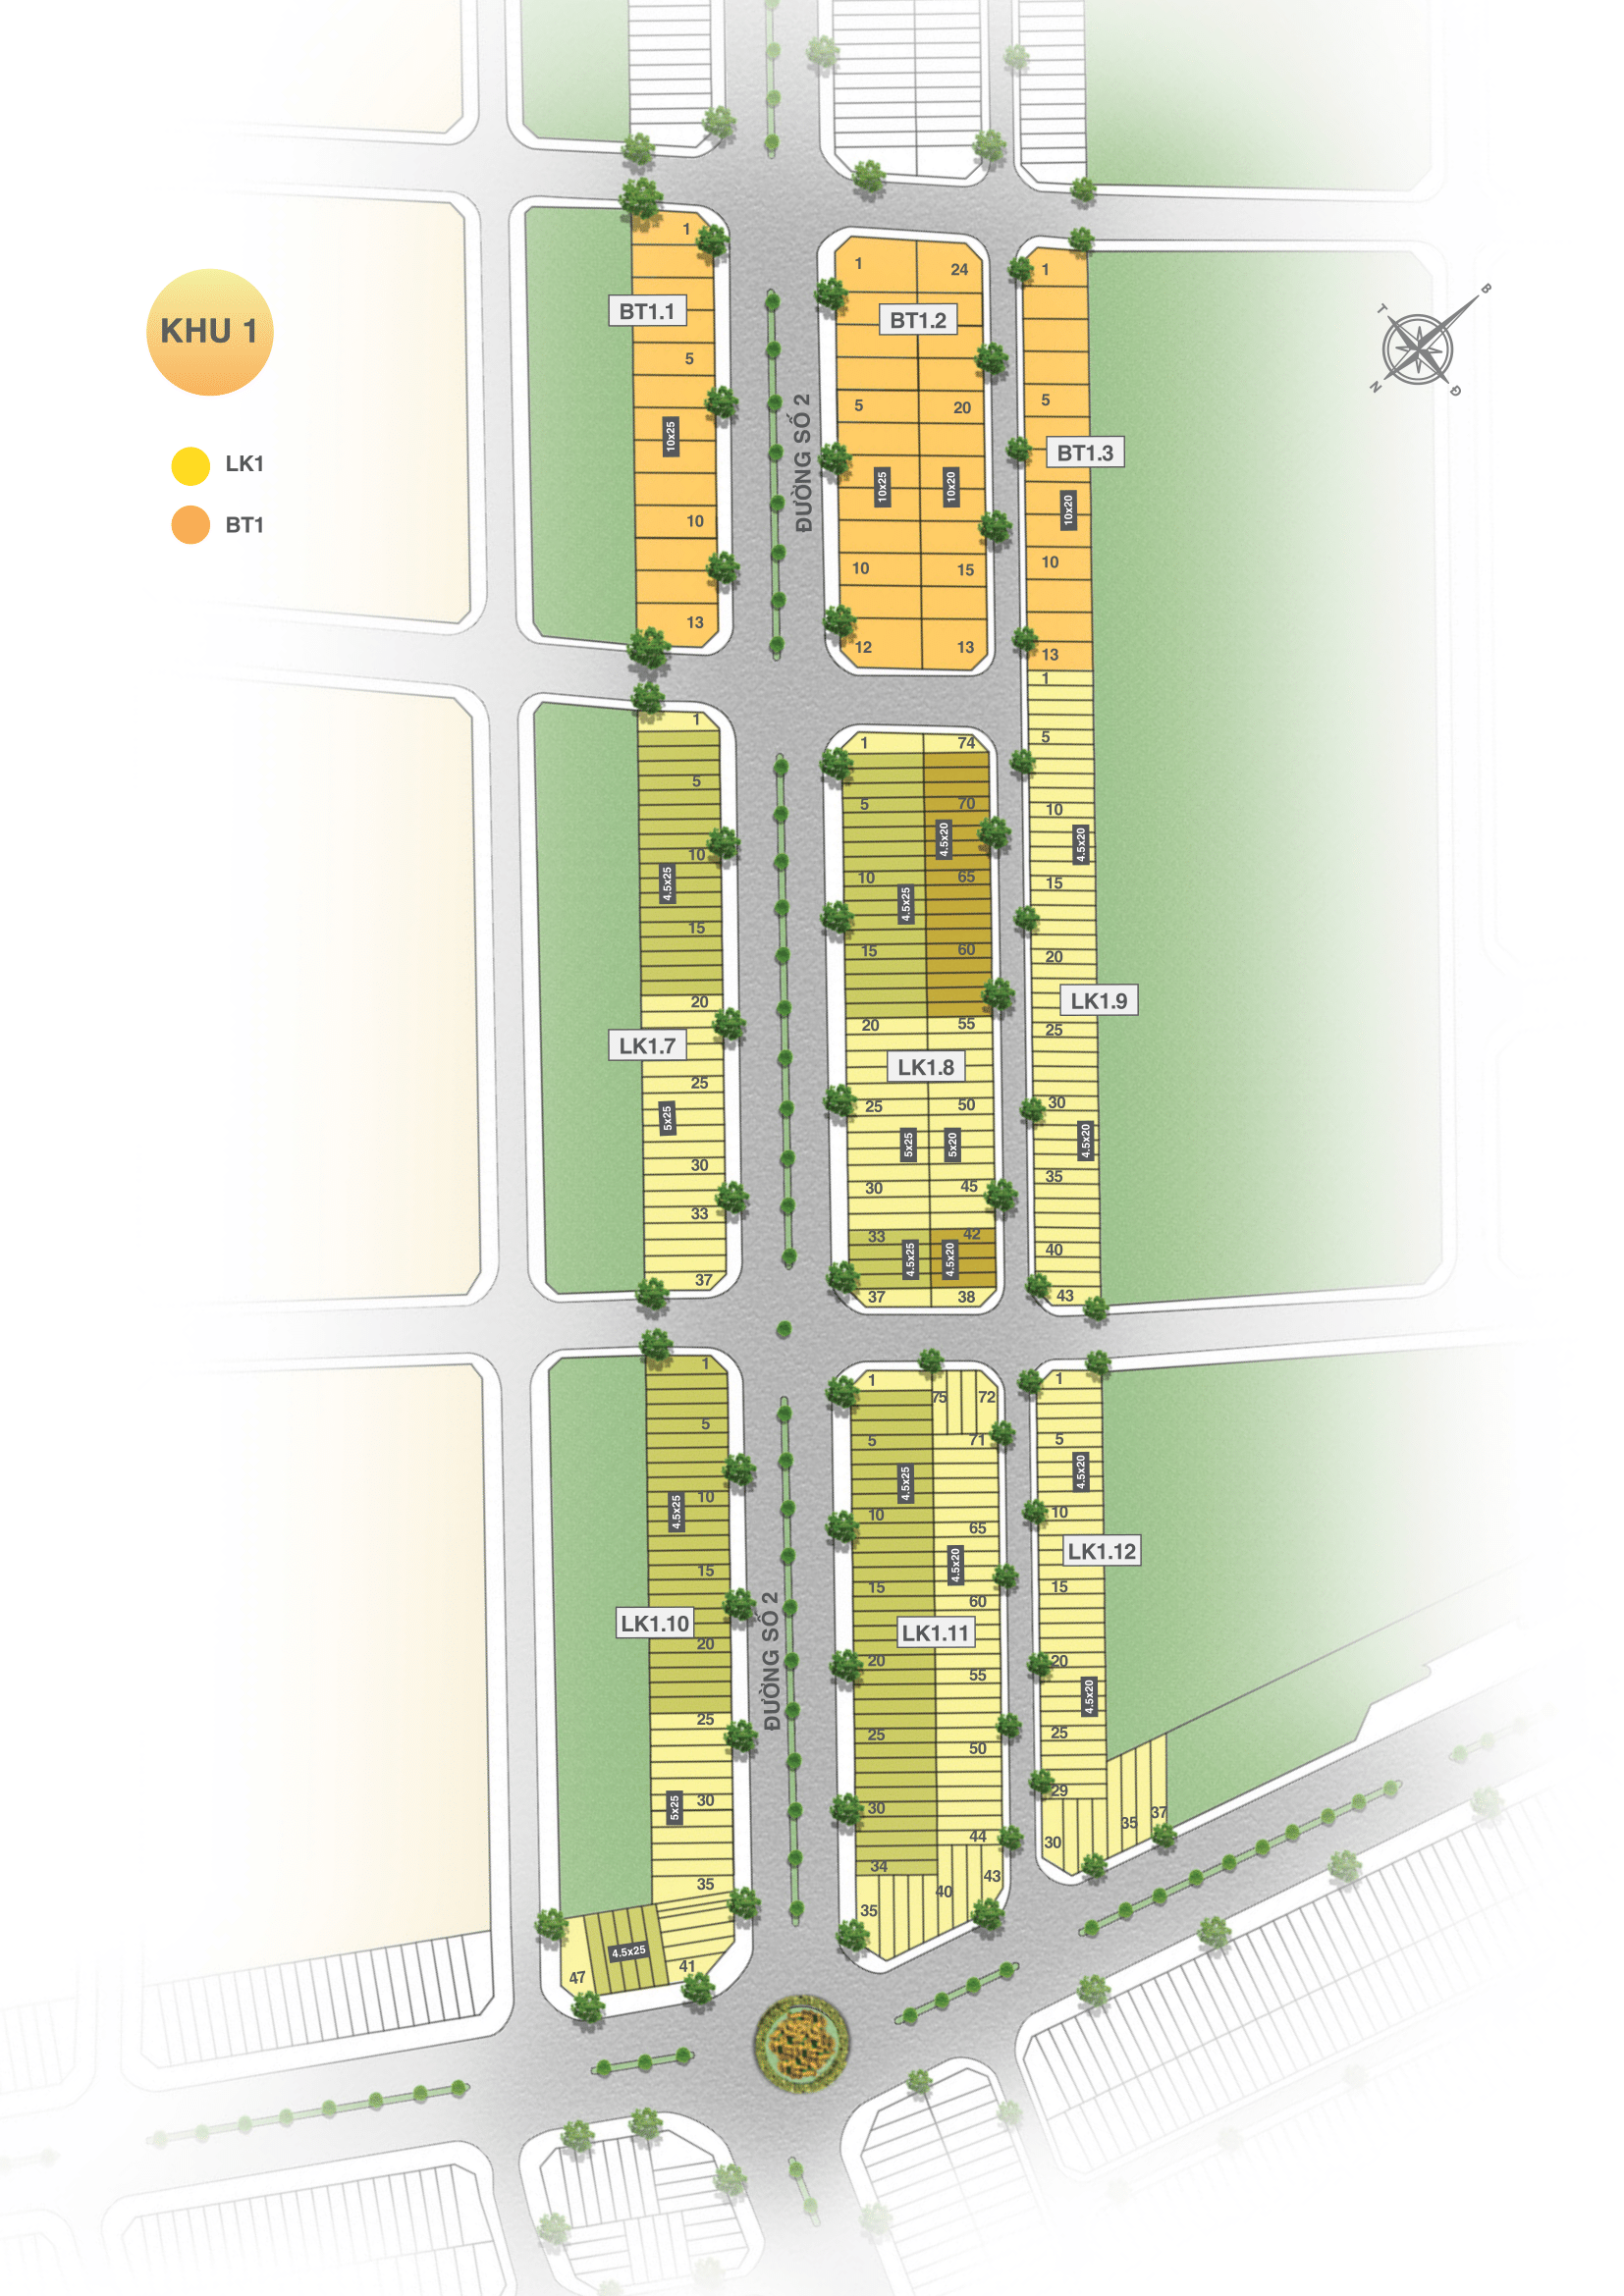 Mặt bằng phân khu 1 dự án đất nền Vinh Long New Town